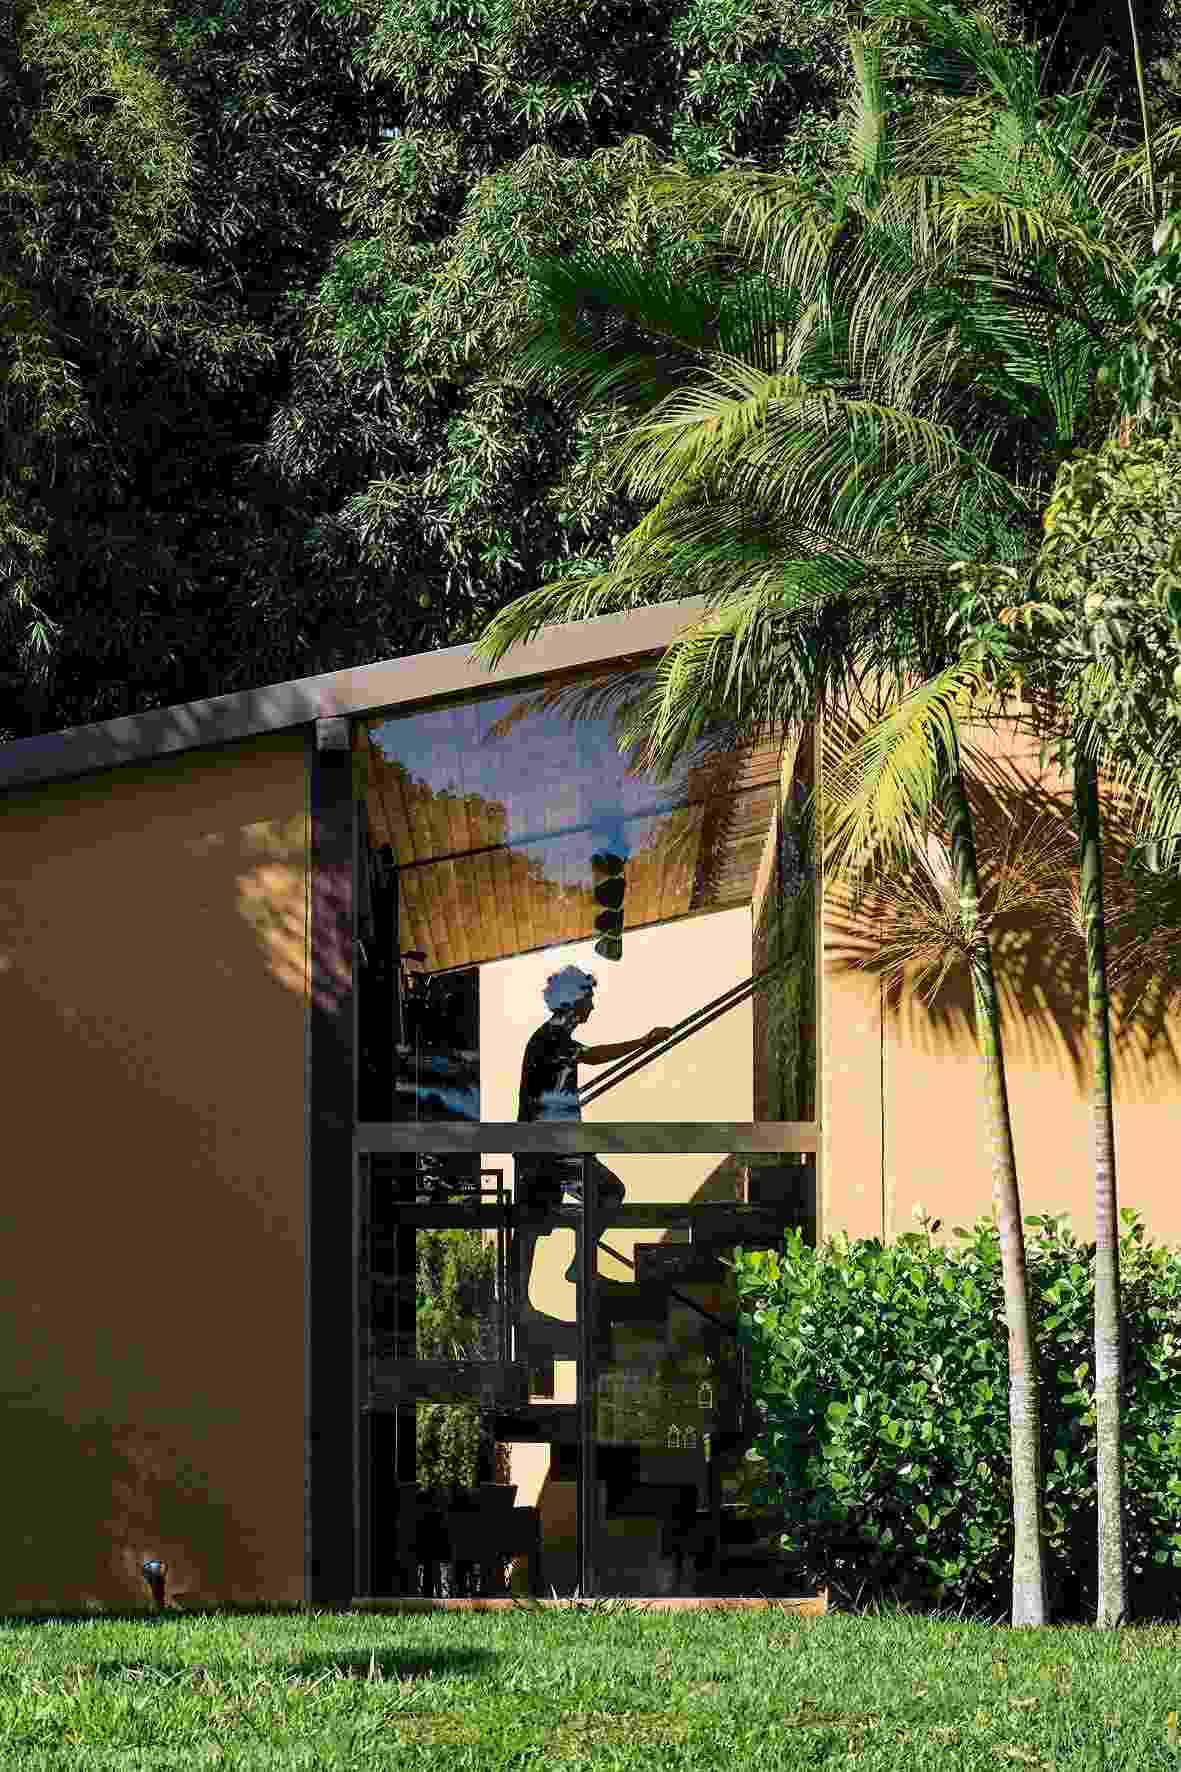 A escada de acesso aos dormitórios recebe luz natural através do recorte na lateral da fachada, com fechamento em vidro. A casa Várzea foi projetada pelo arquiteto Gustavo Penna e fica em Minas Gerais - undefined